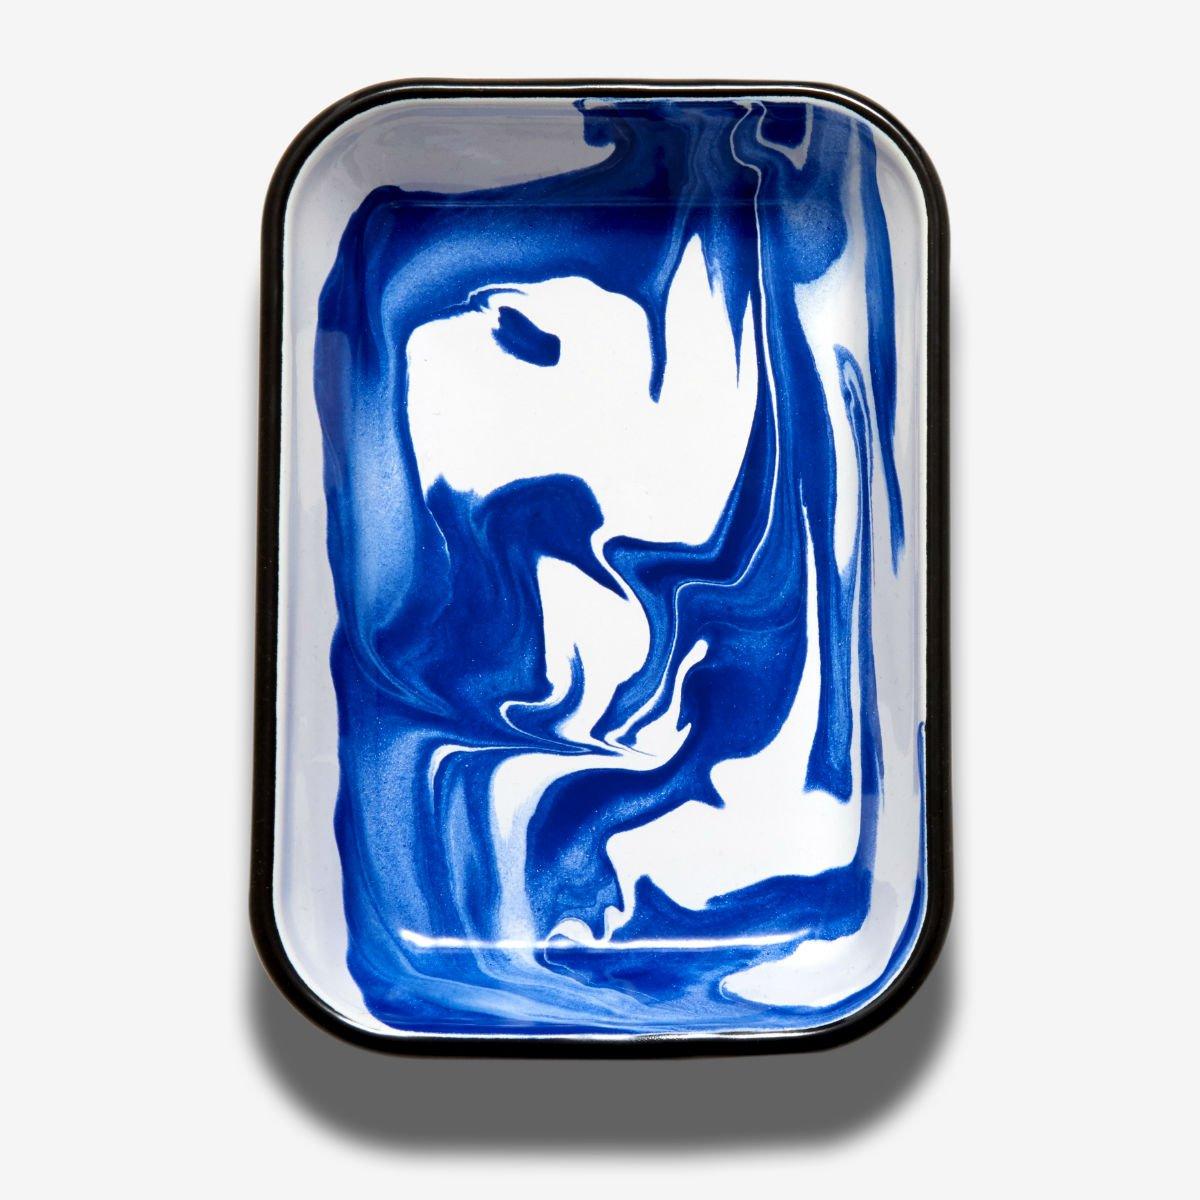 Střední modrý pekáč BORNN